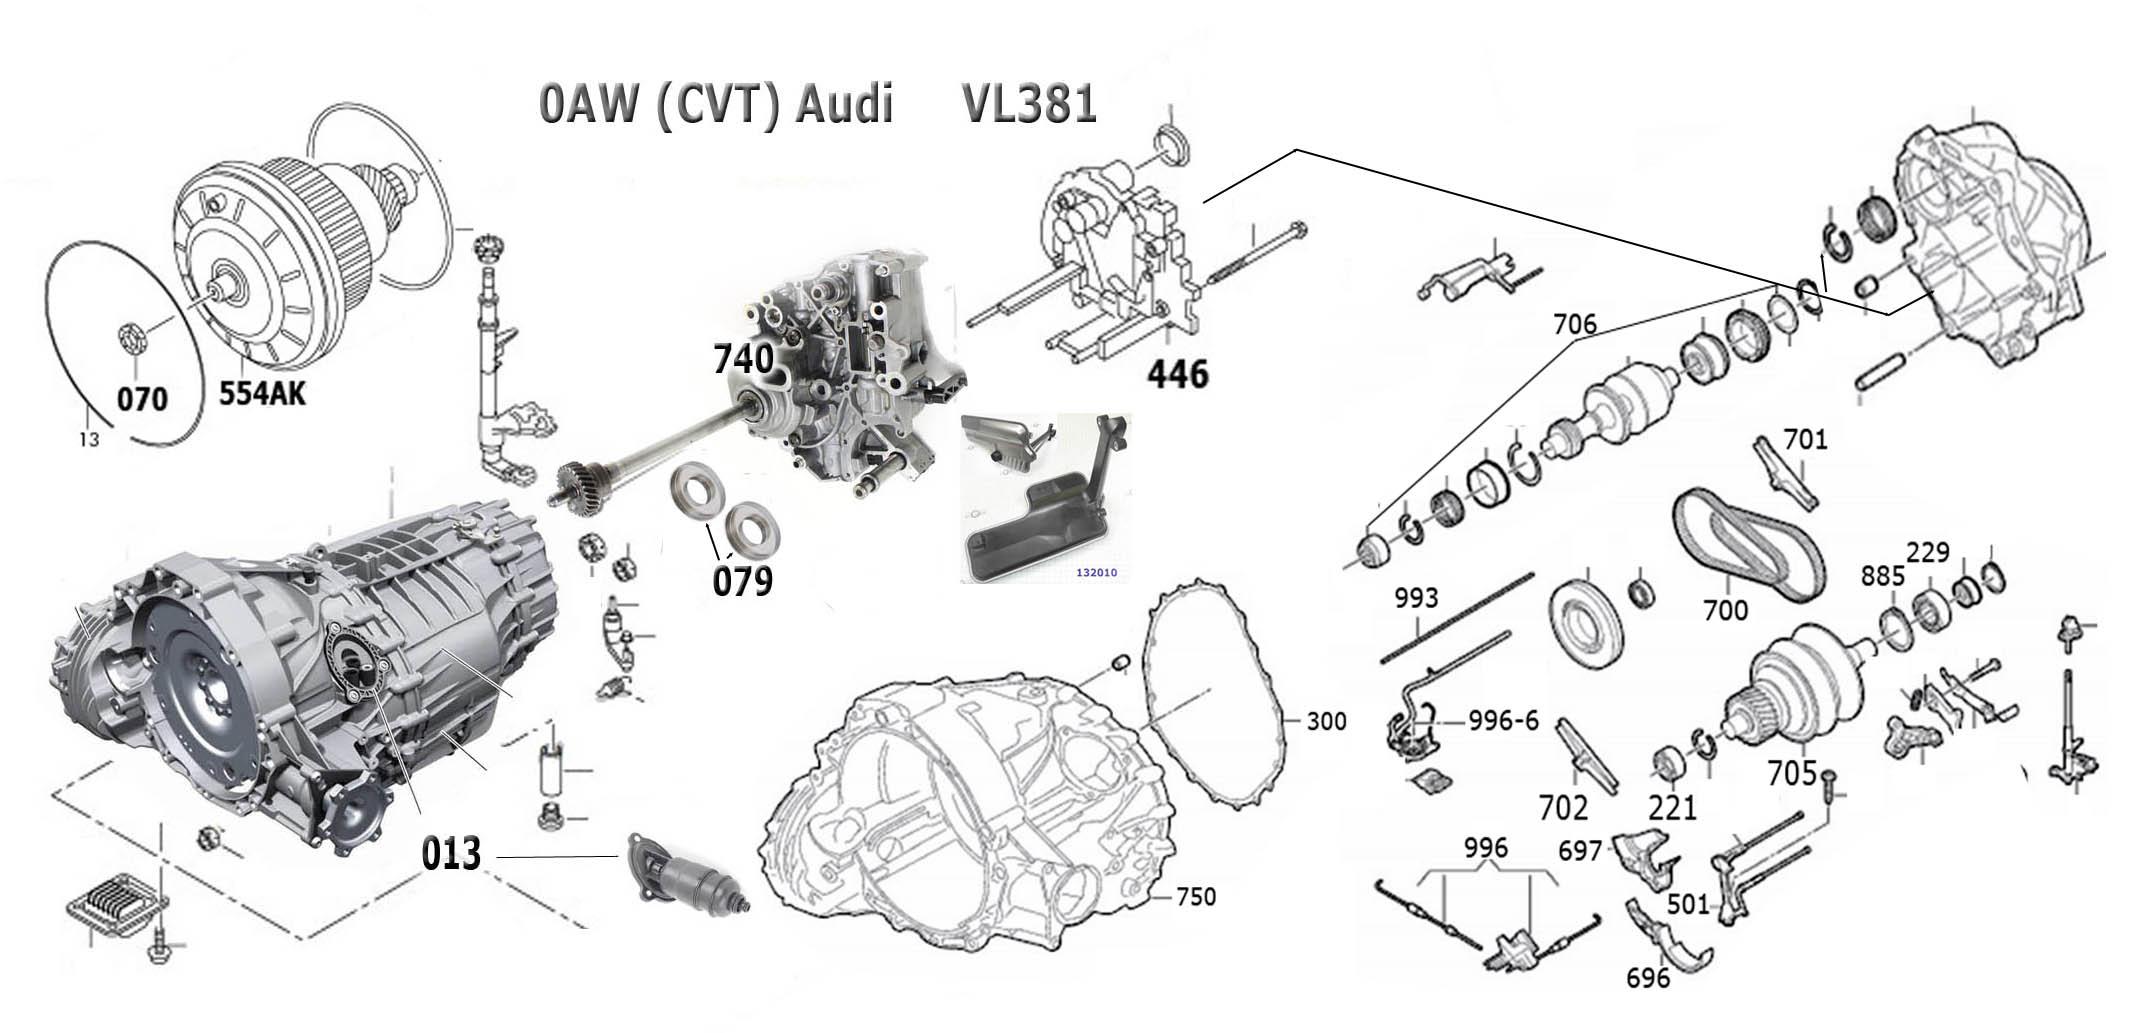 Transmission Repair Manuals Cvt Audi 0aw Vl381